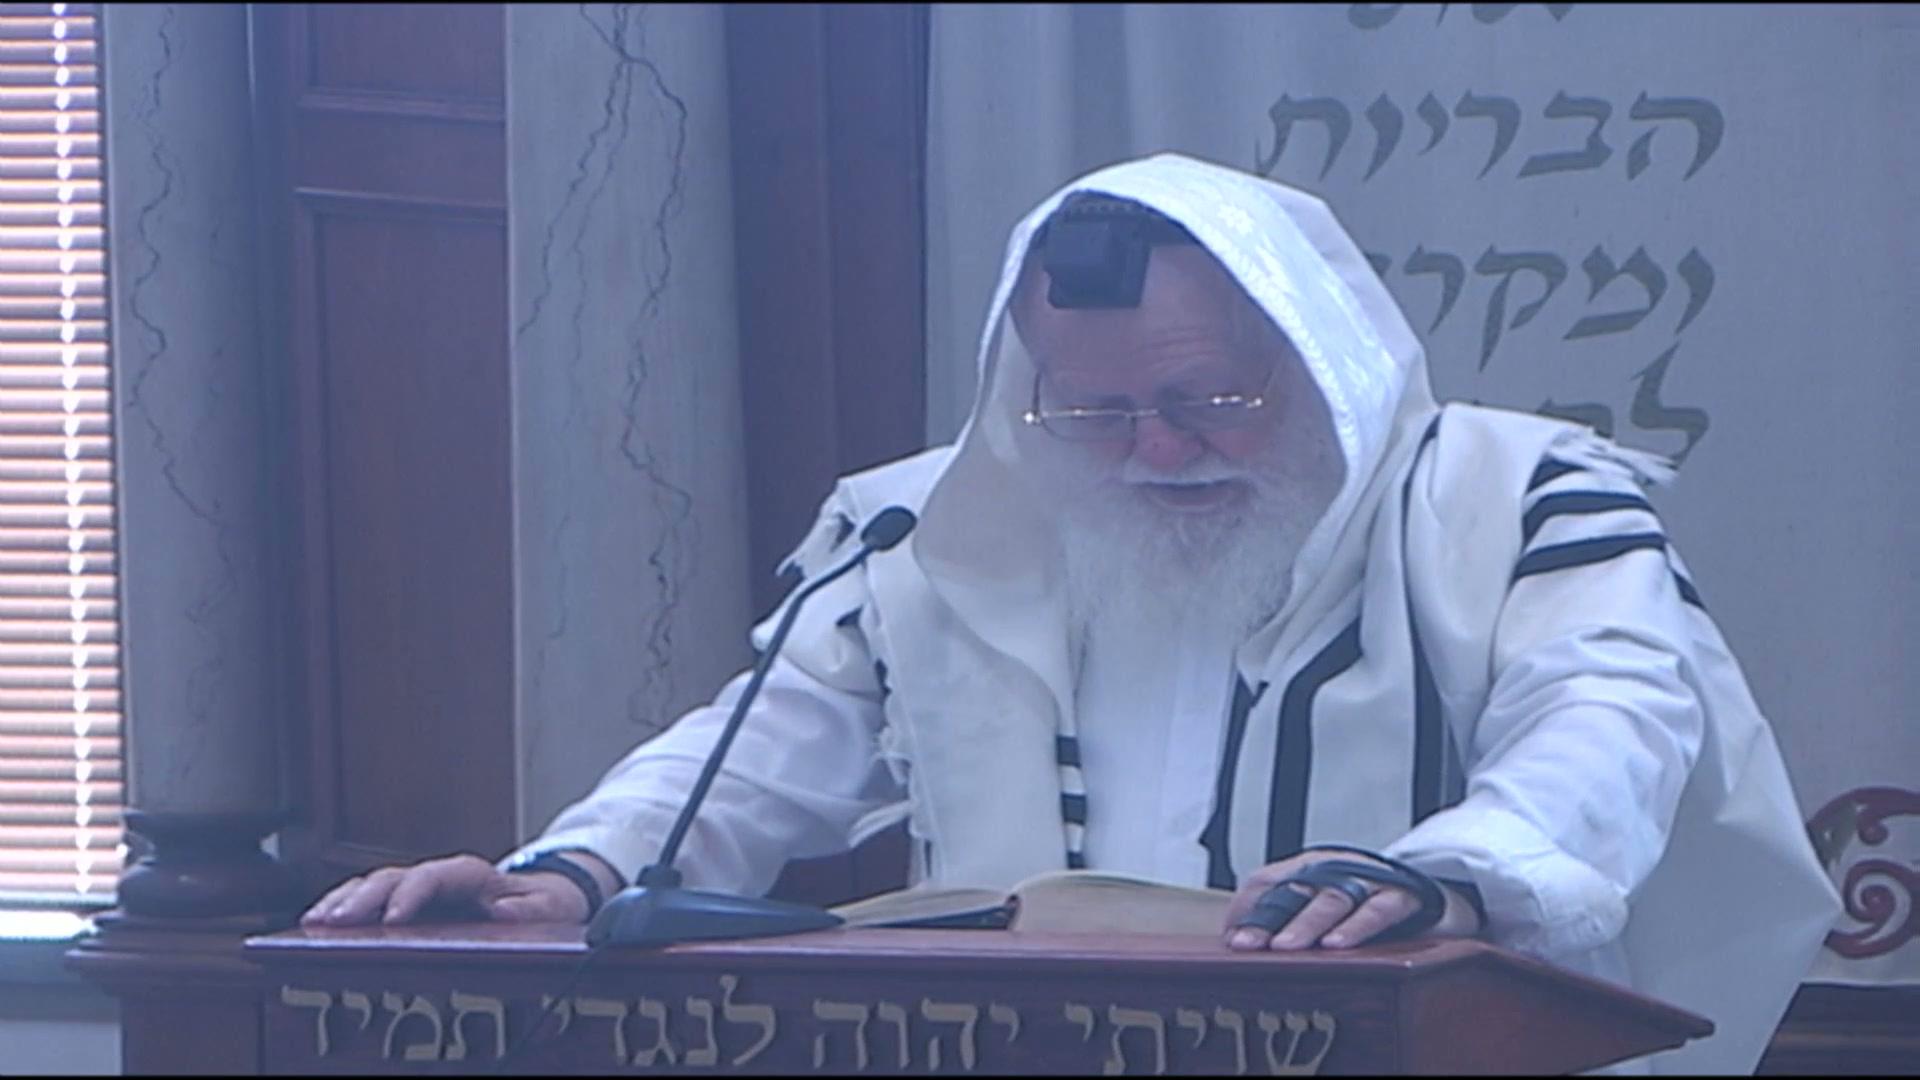 תפילה של יהודי אינה חוזרת ריקם !